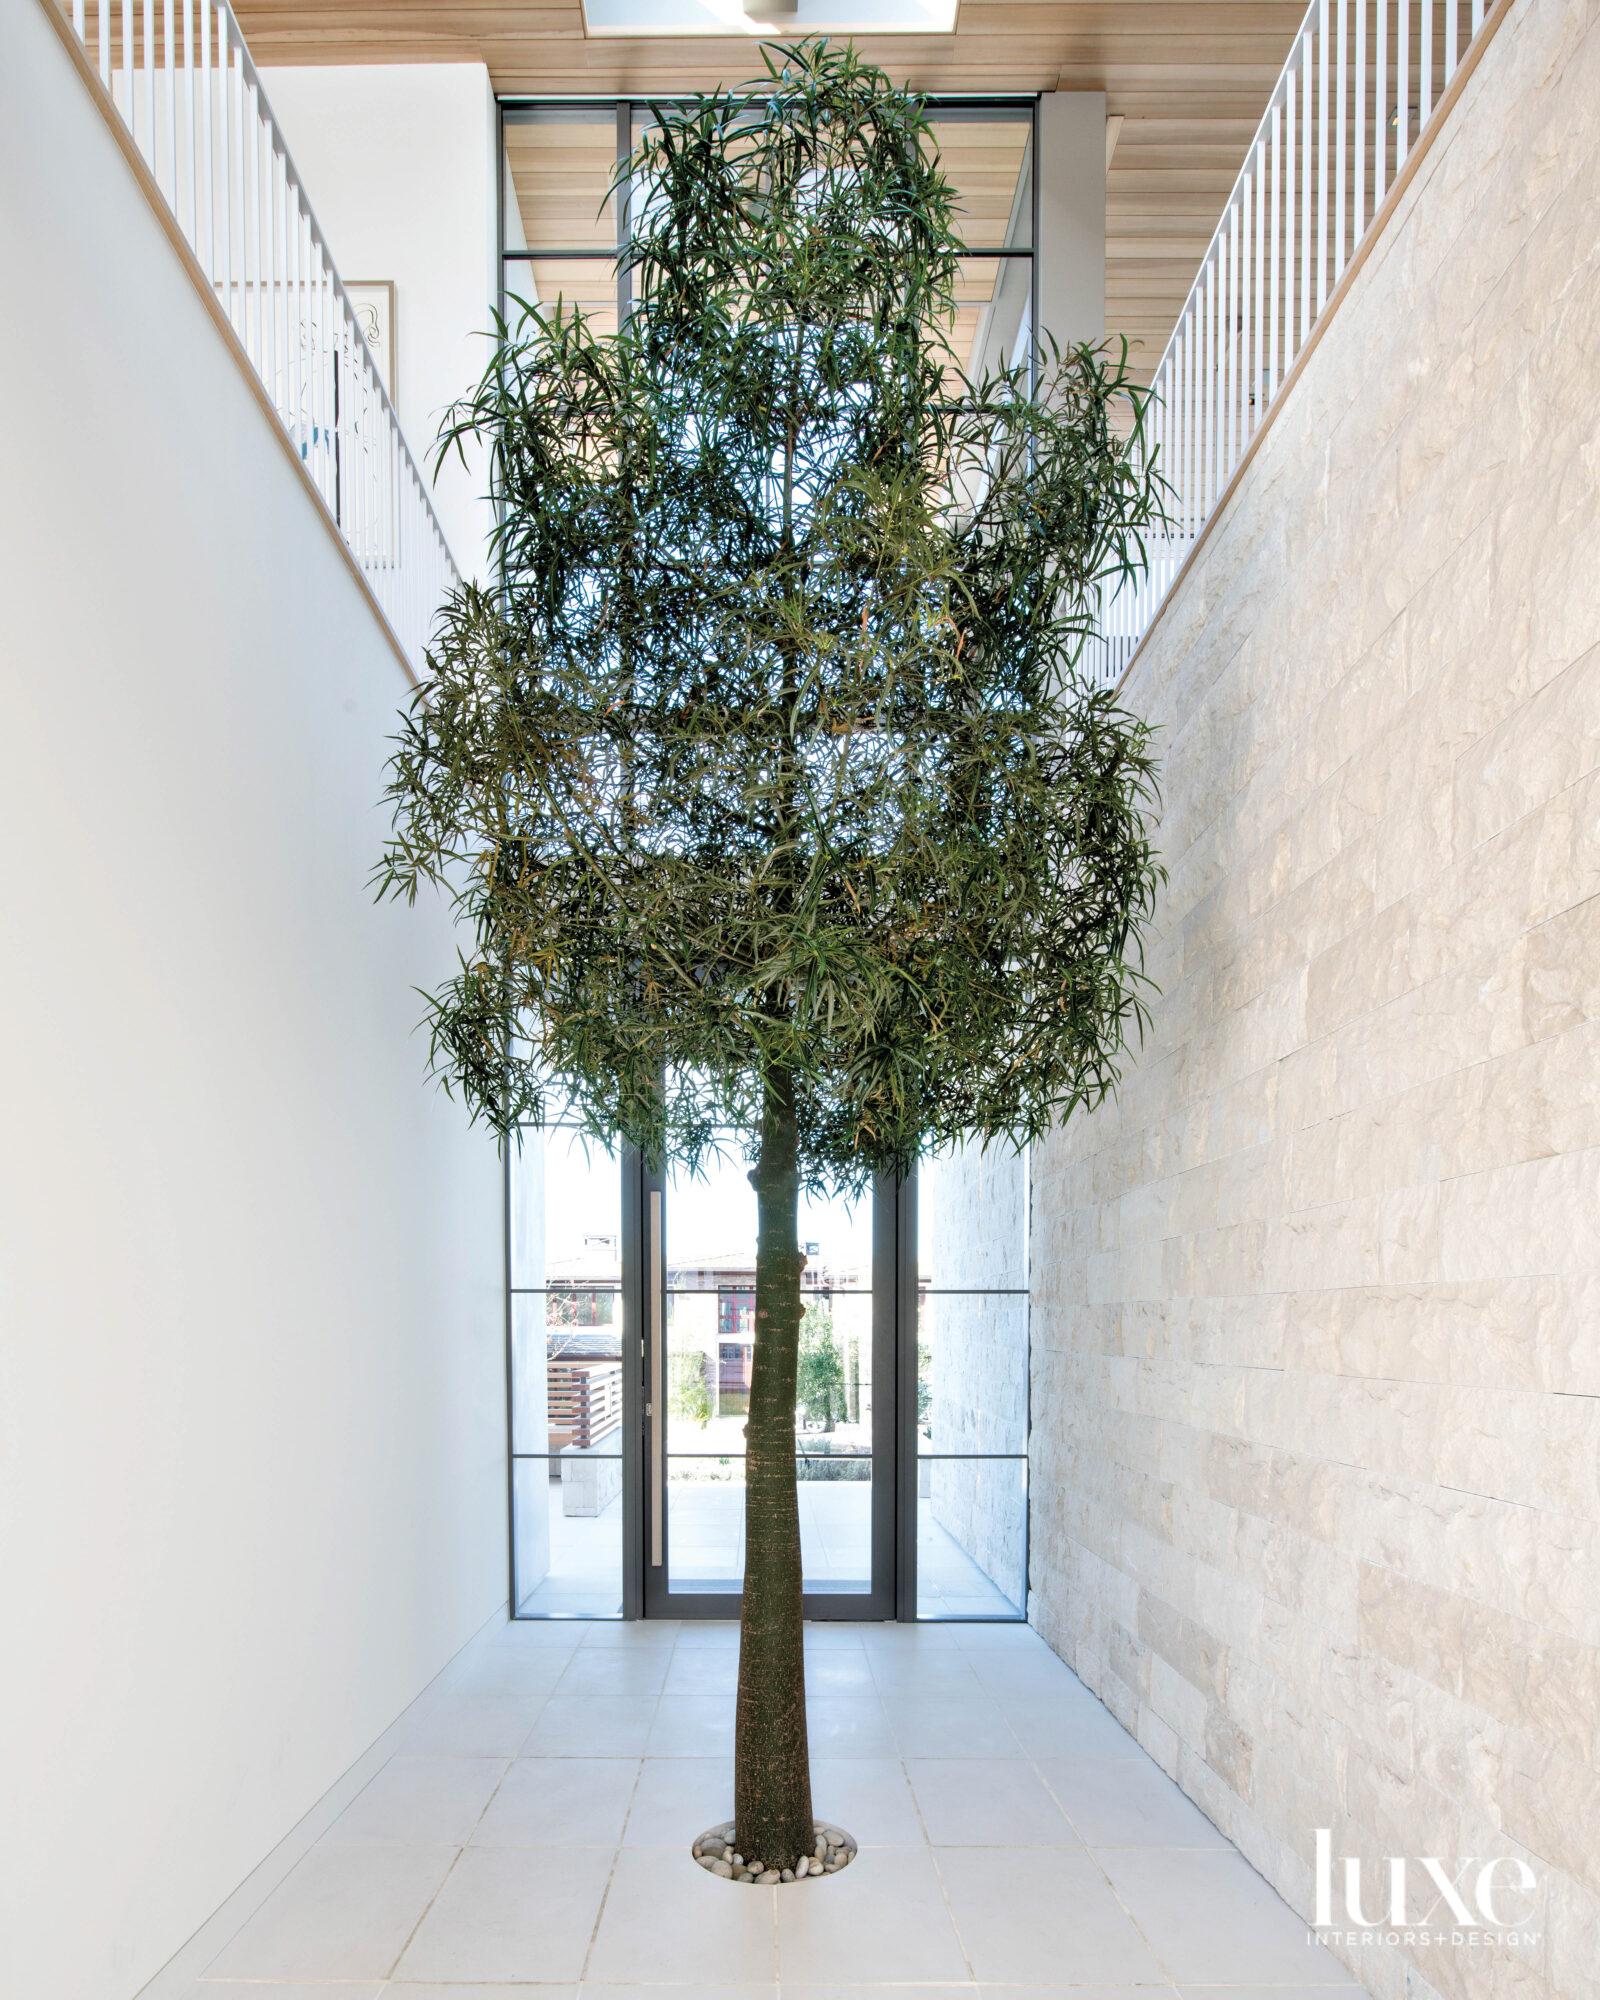 Atrium of a home with...